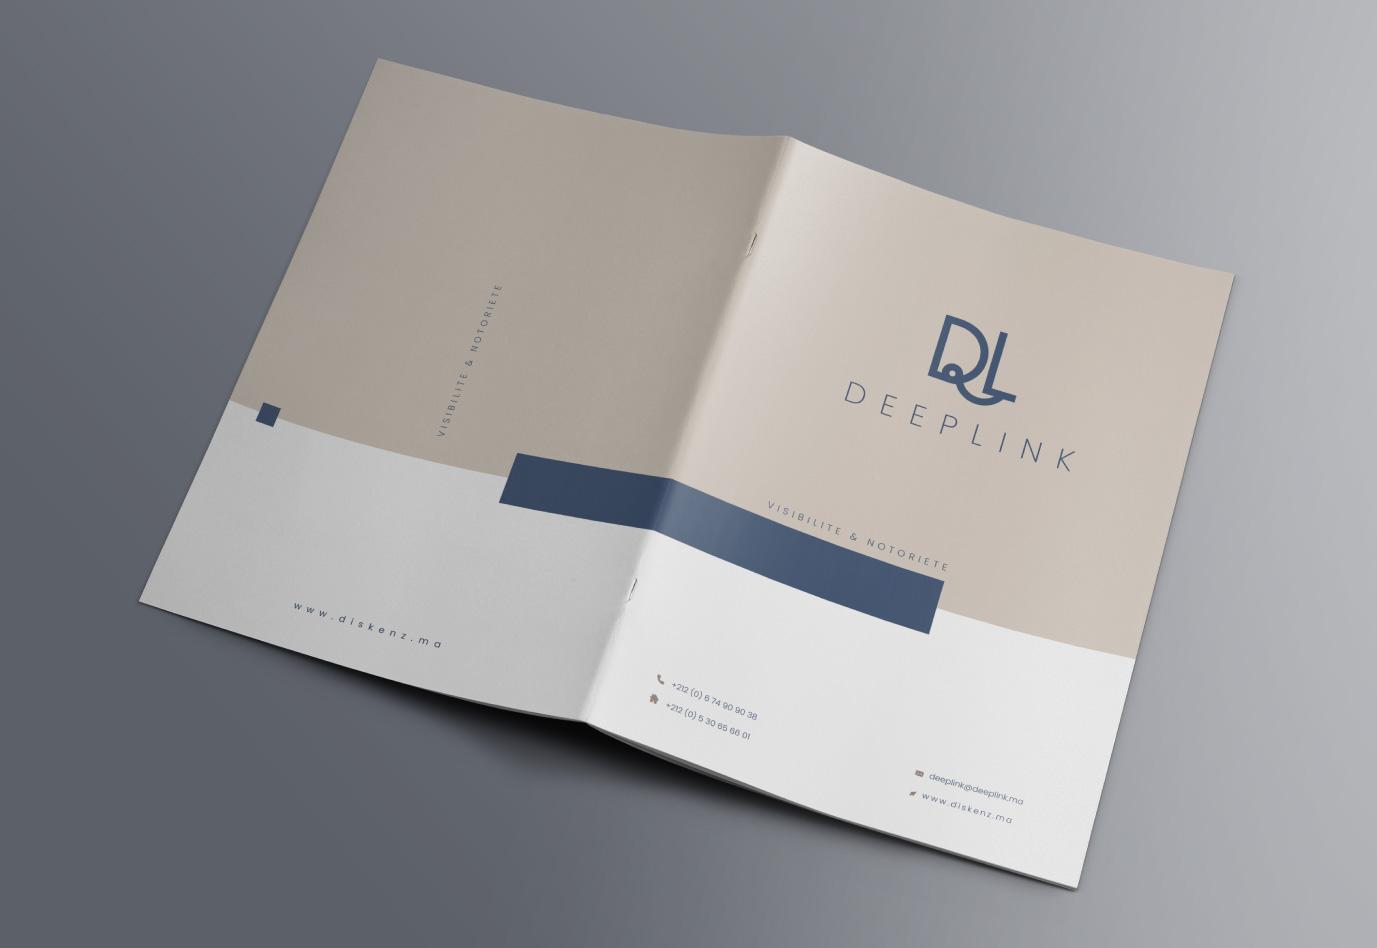 papeterie2-Deeplink-agence de communications-vuenova